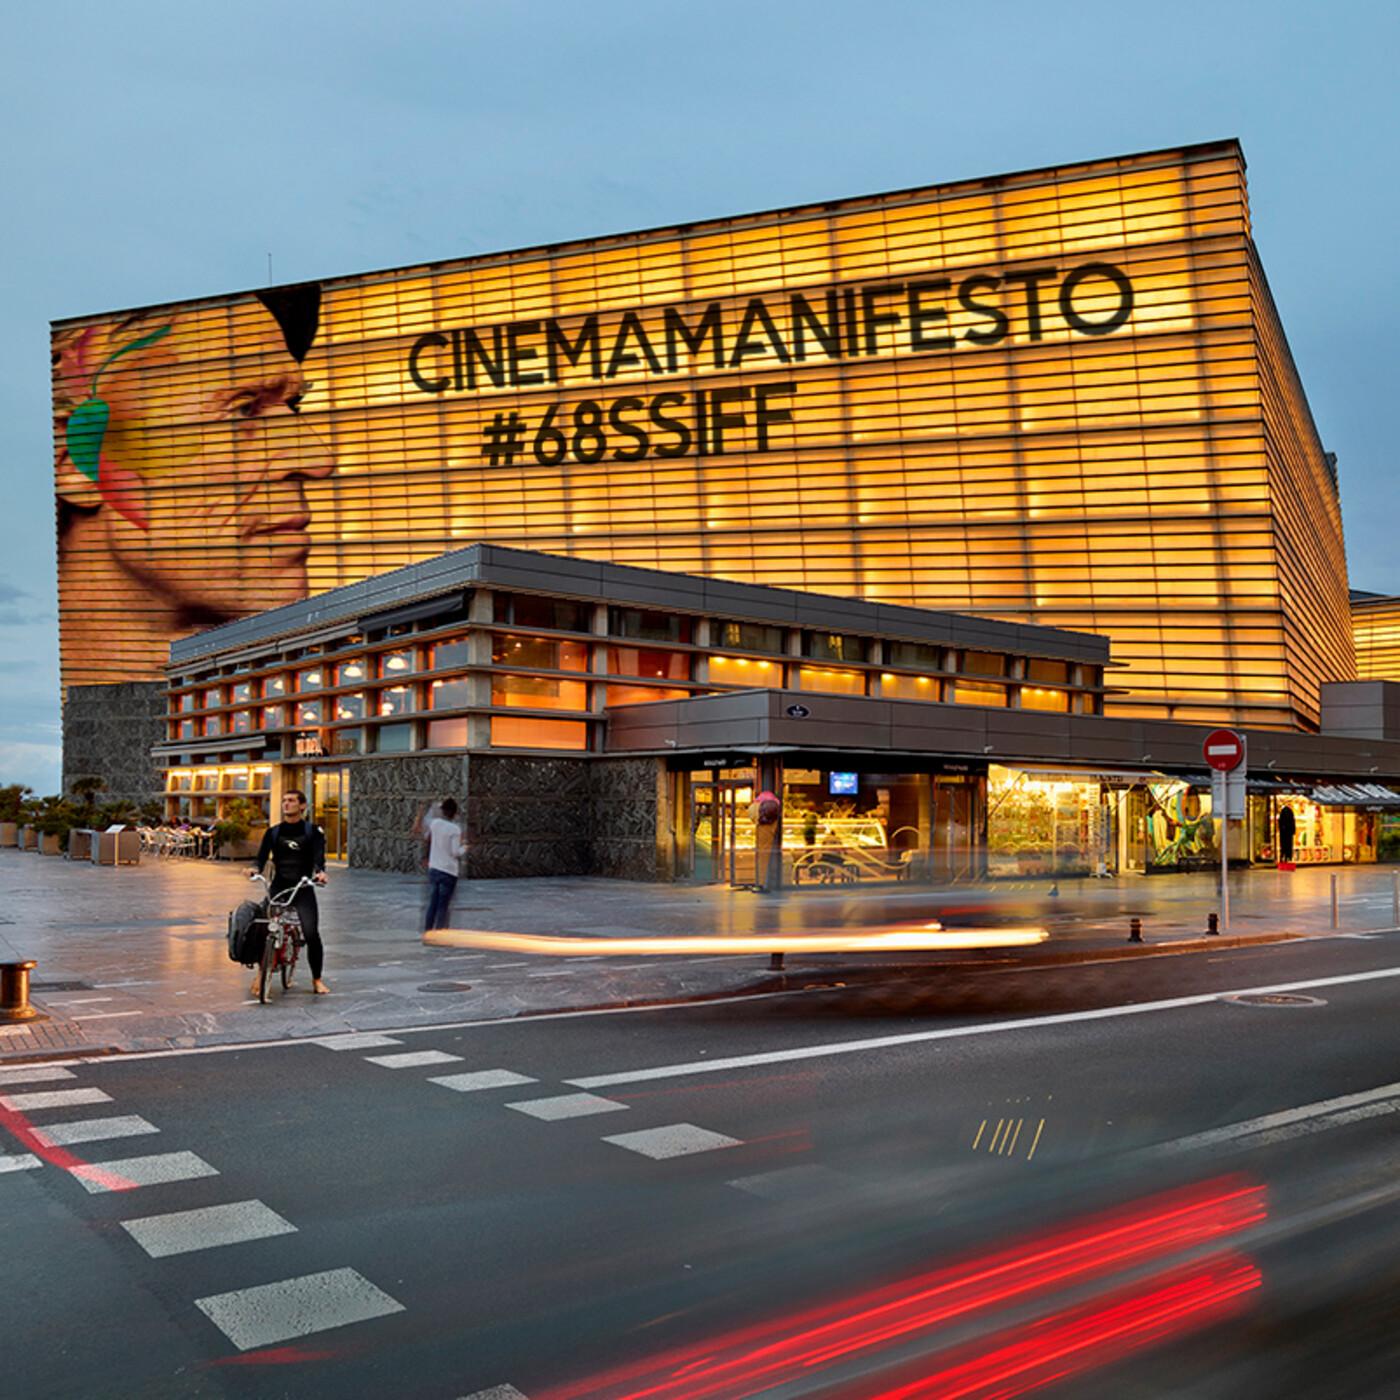 Cinema Manifesto - #68SSIFF - Día2: De acordes y desacuerdos